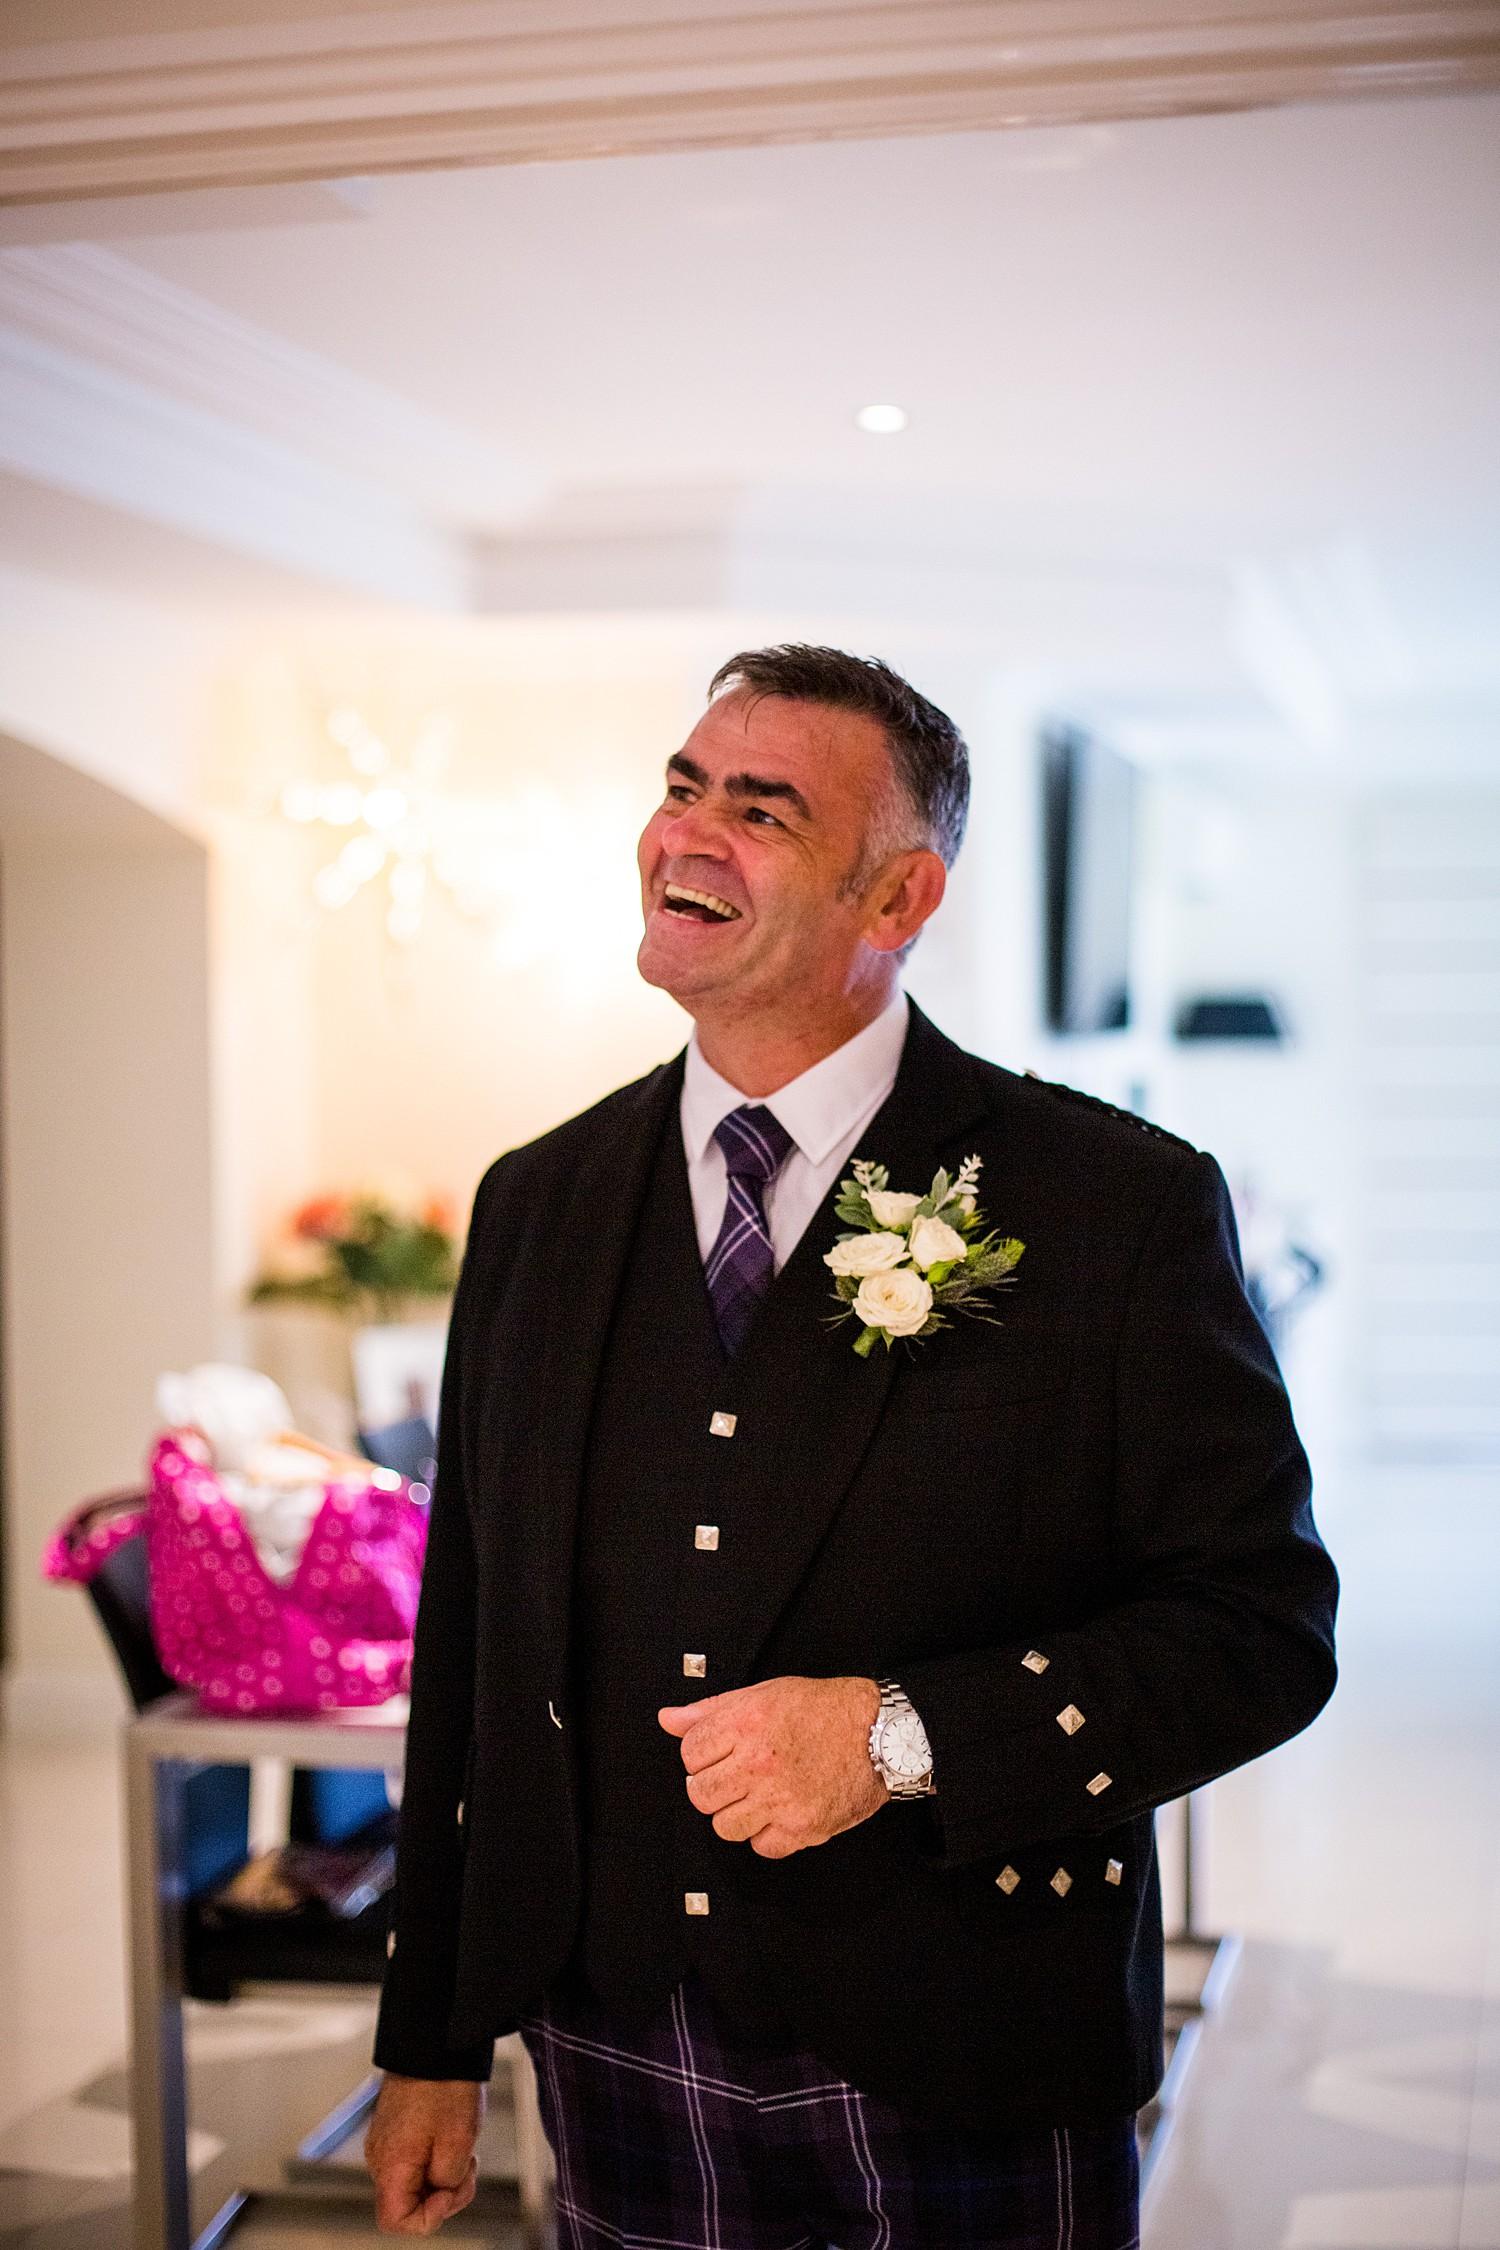 perth_swan_valley_scottish_rainy_wedding_0014.jpg